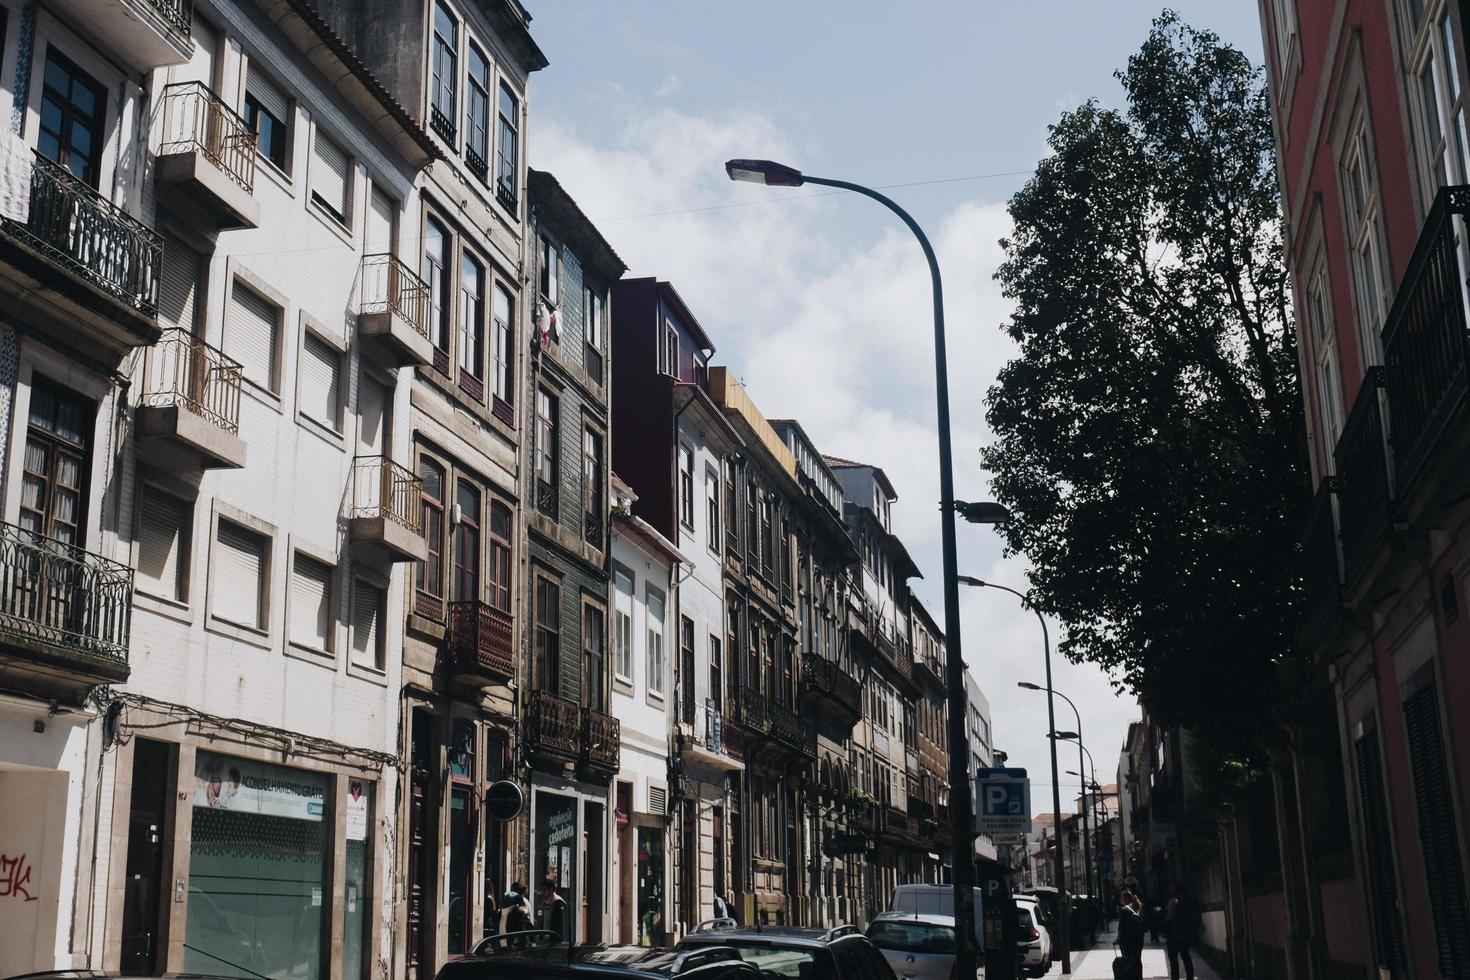 Stadtbildansicht der Straßenlaterne foto